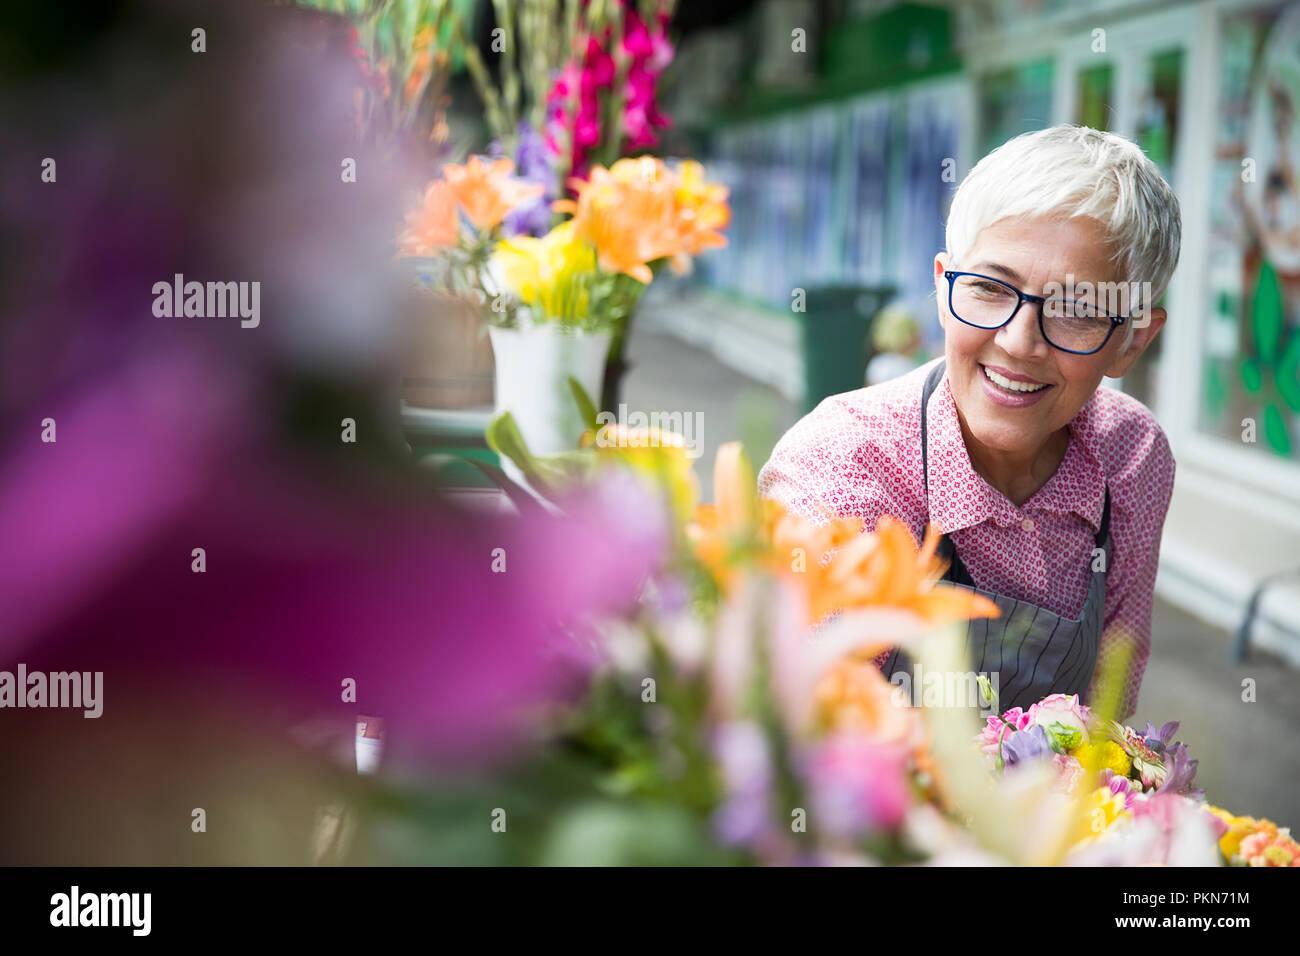 Senior Charrming mujer arregla flores en el mercado local. Imagen De Stock